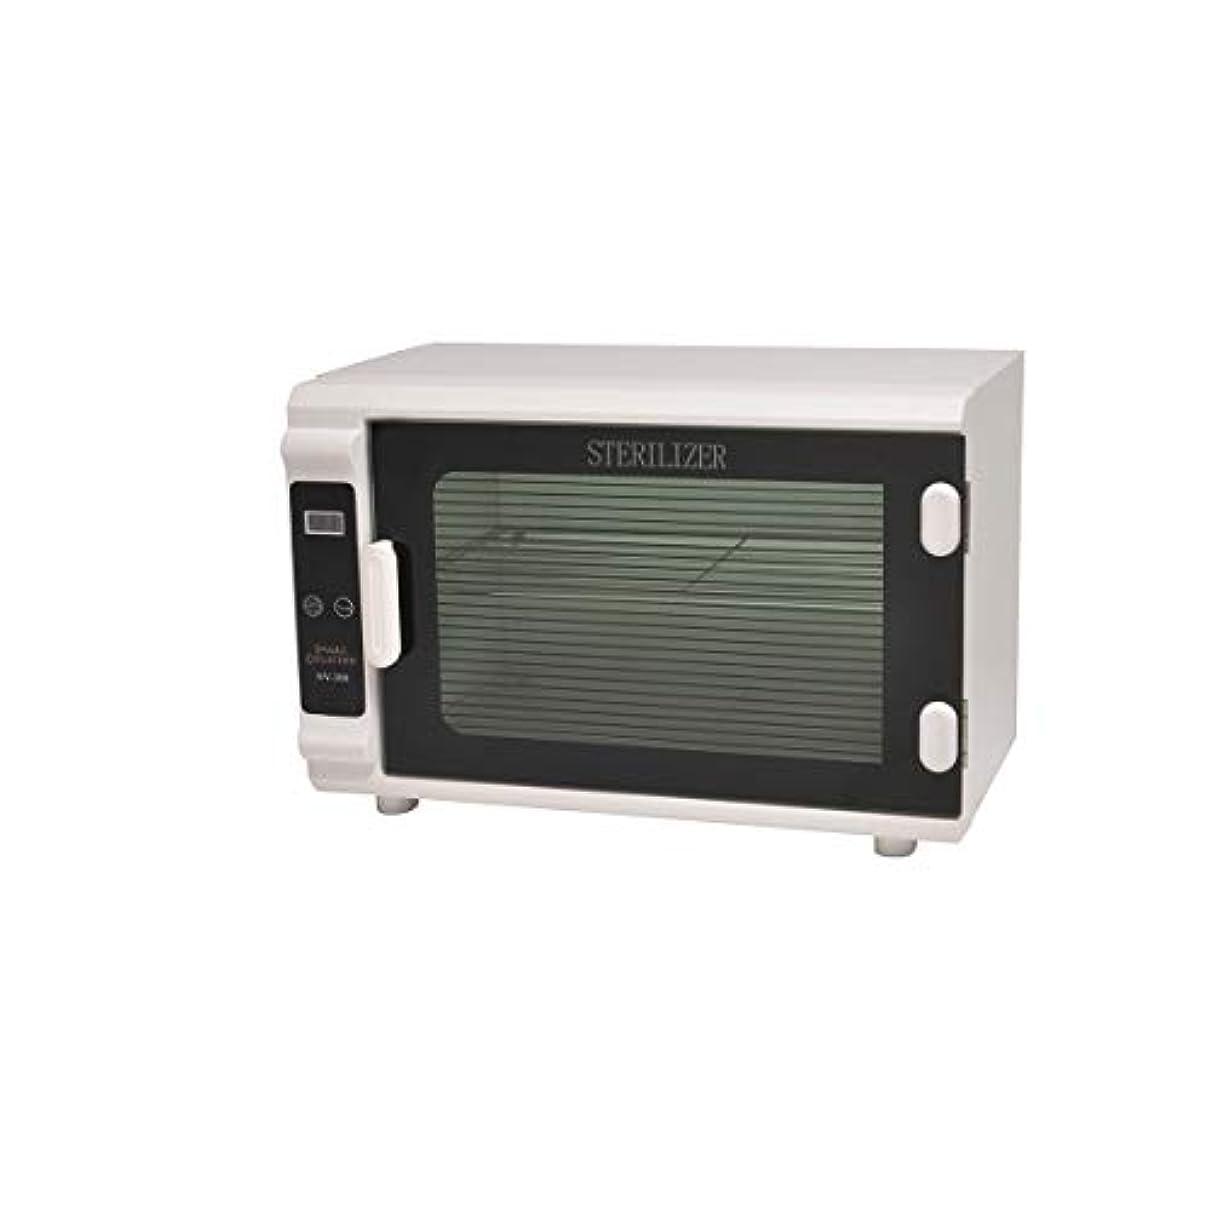 建物ビュッフェ検索エンジン最適化タイマー付紫外線消毒器NV-308EX(PHILIPS社製ライト採用)